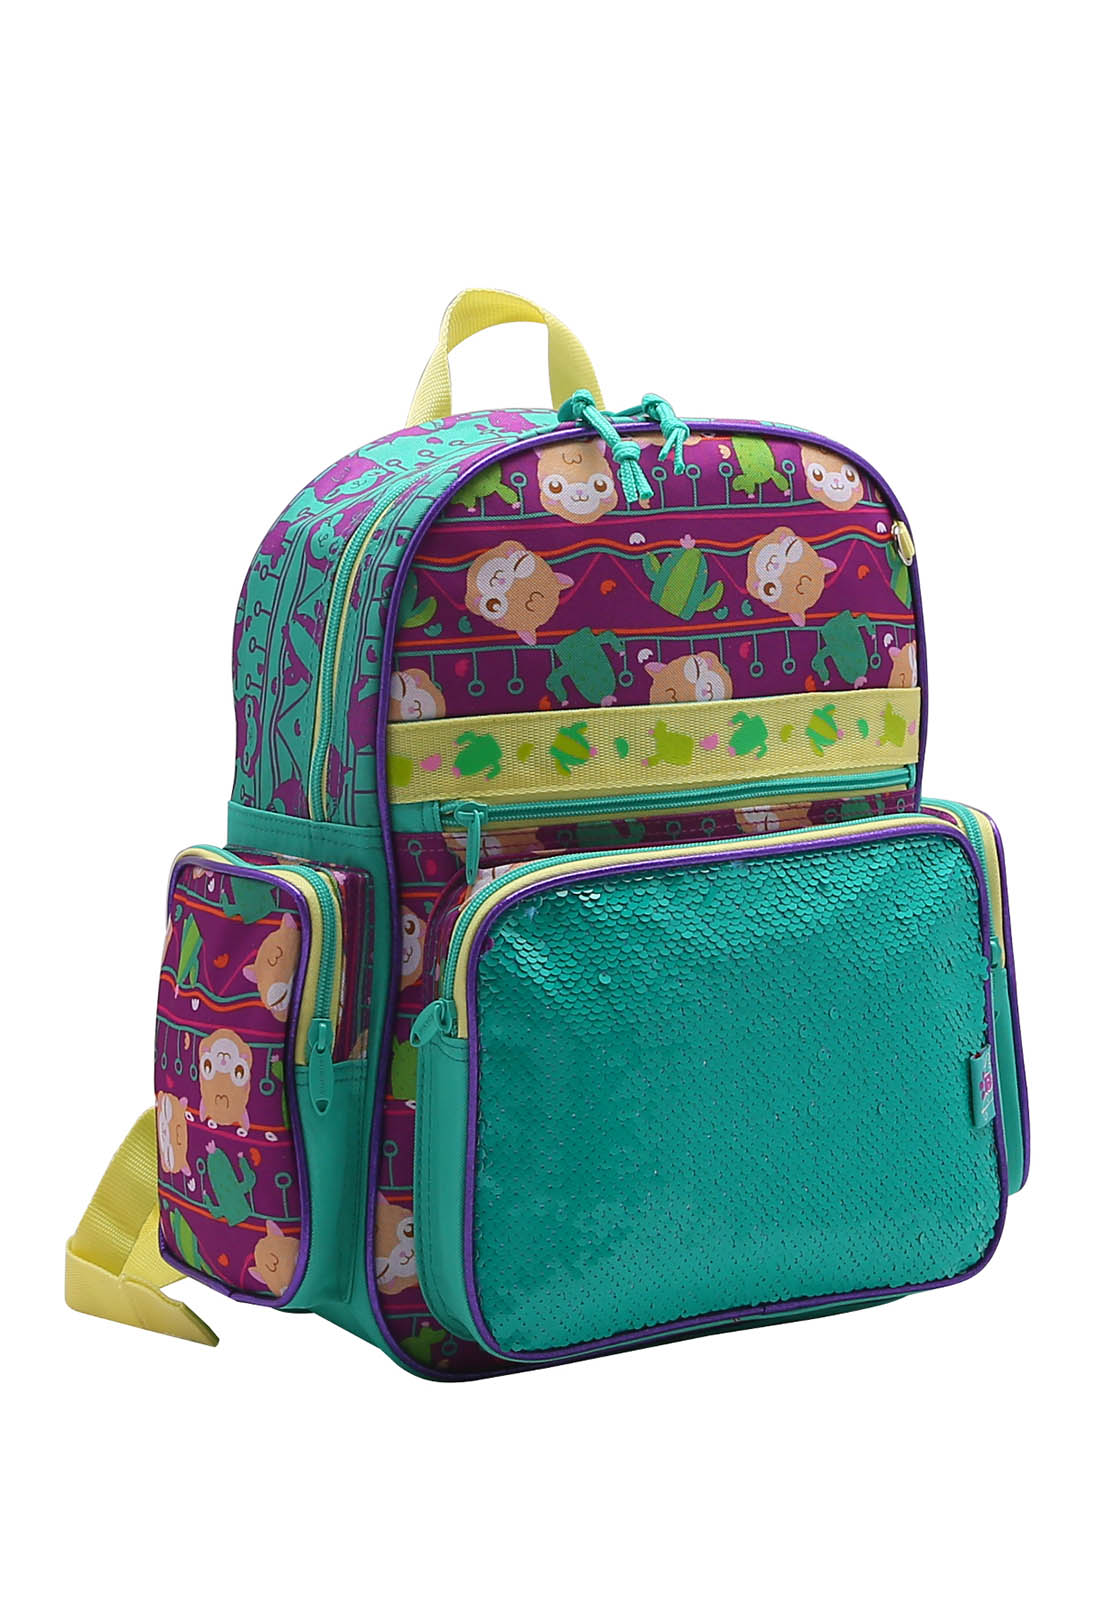 Mochila Infantil Escolar Espaçosa Resistente 15.5